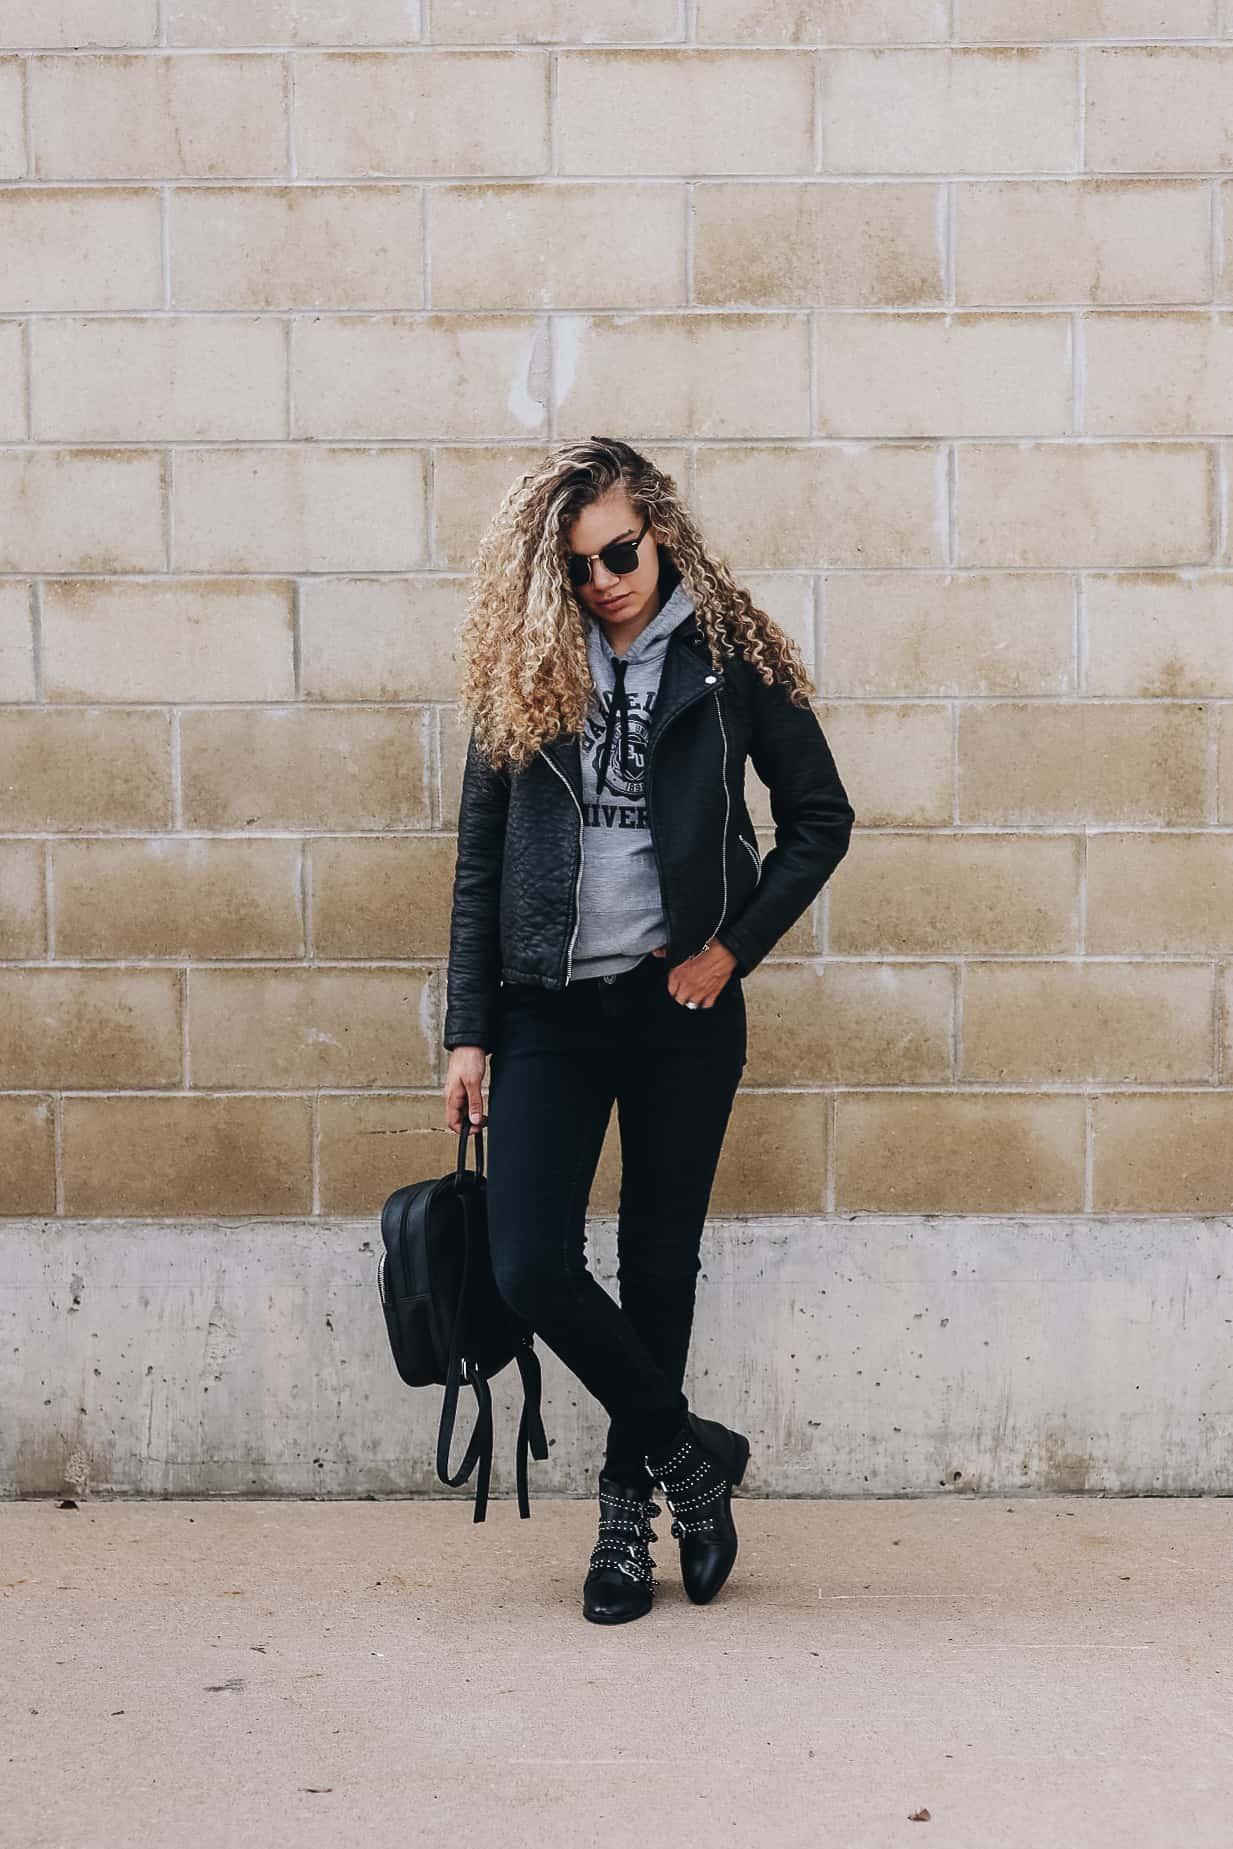 b5cc0c6d640 shop similar outfit deets: moto jacket | sweatshirt | jeans | boots |  backpack